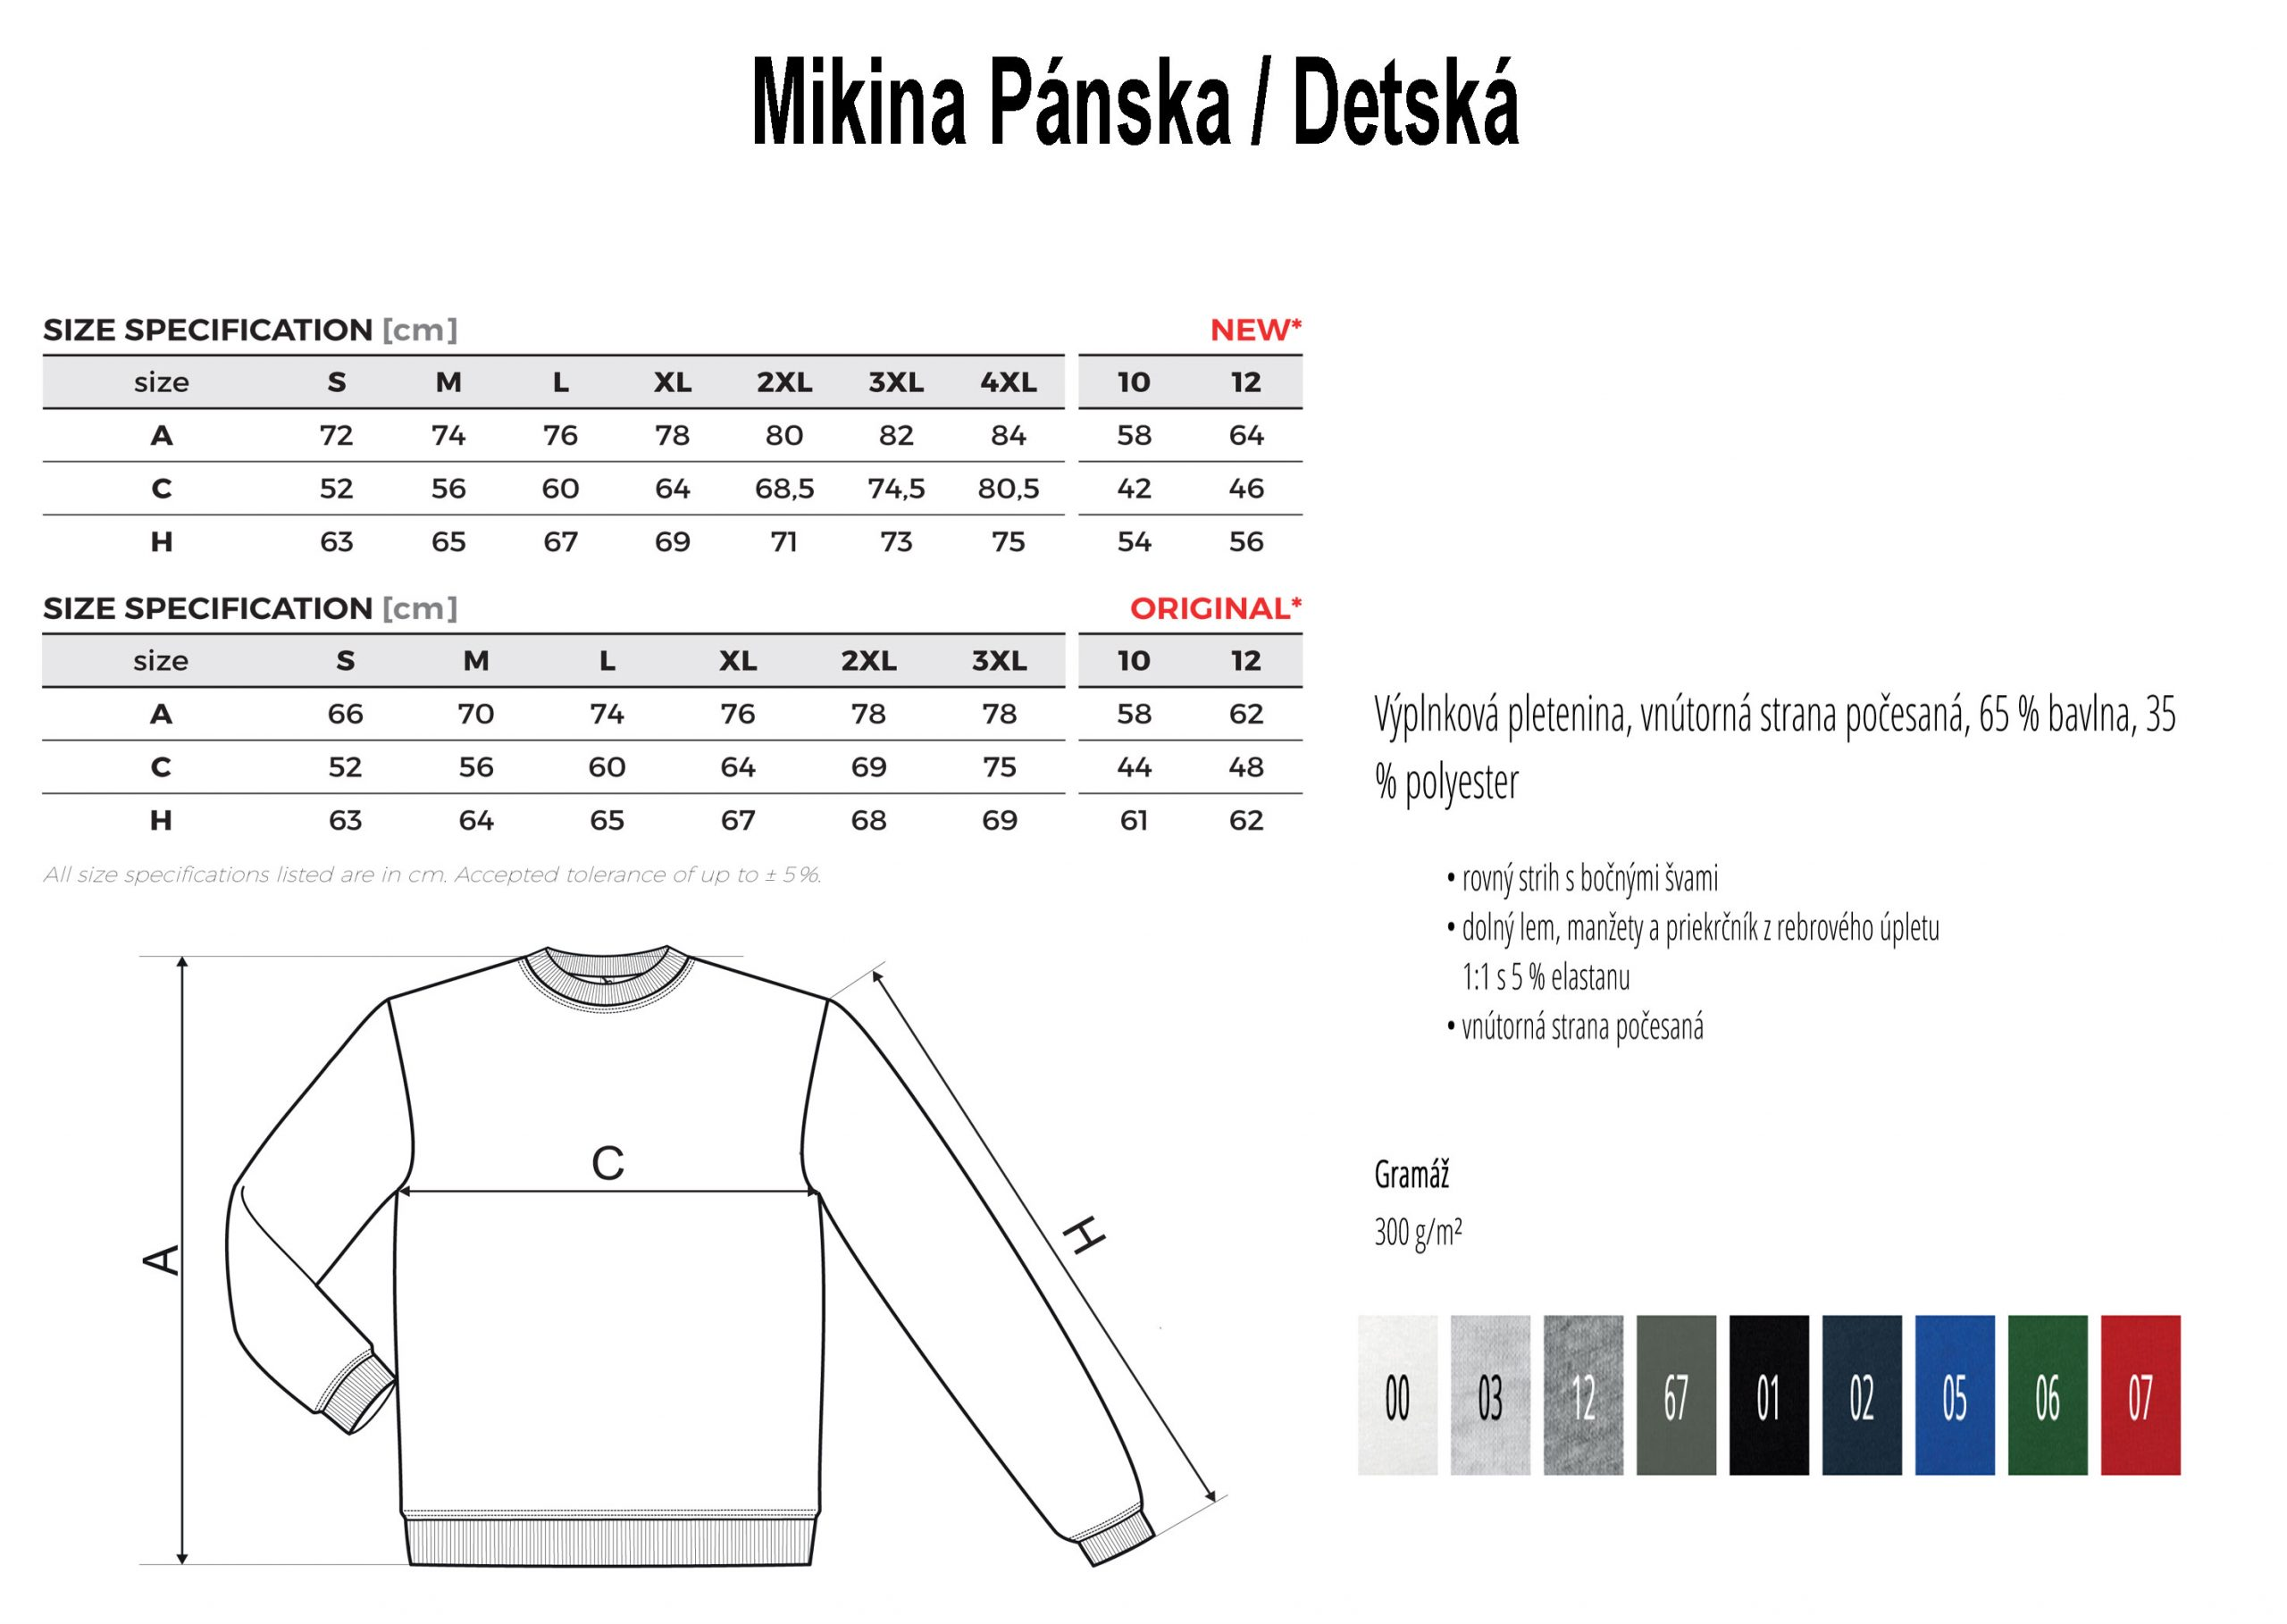 Mikina-Pánska-a-detská